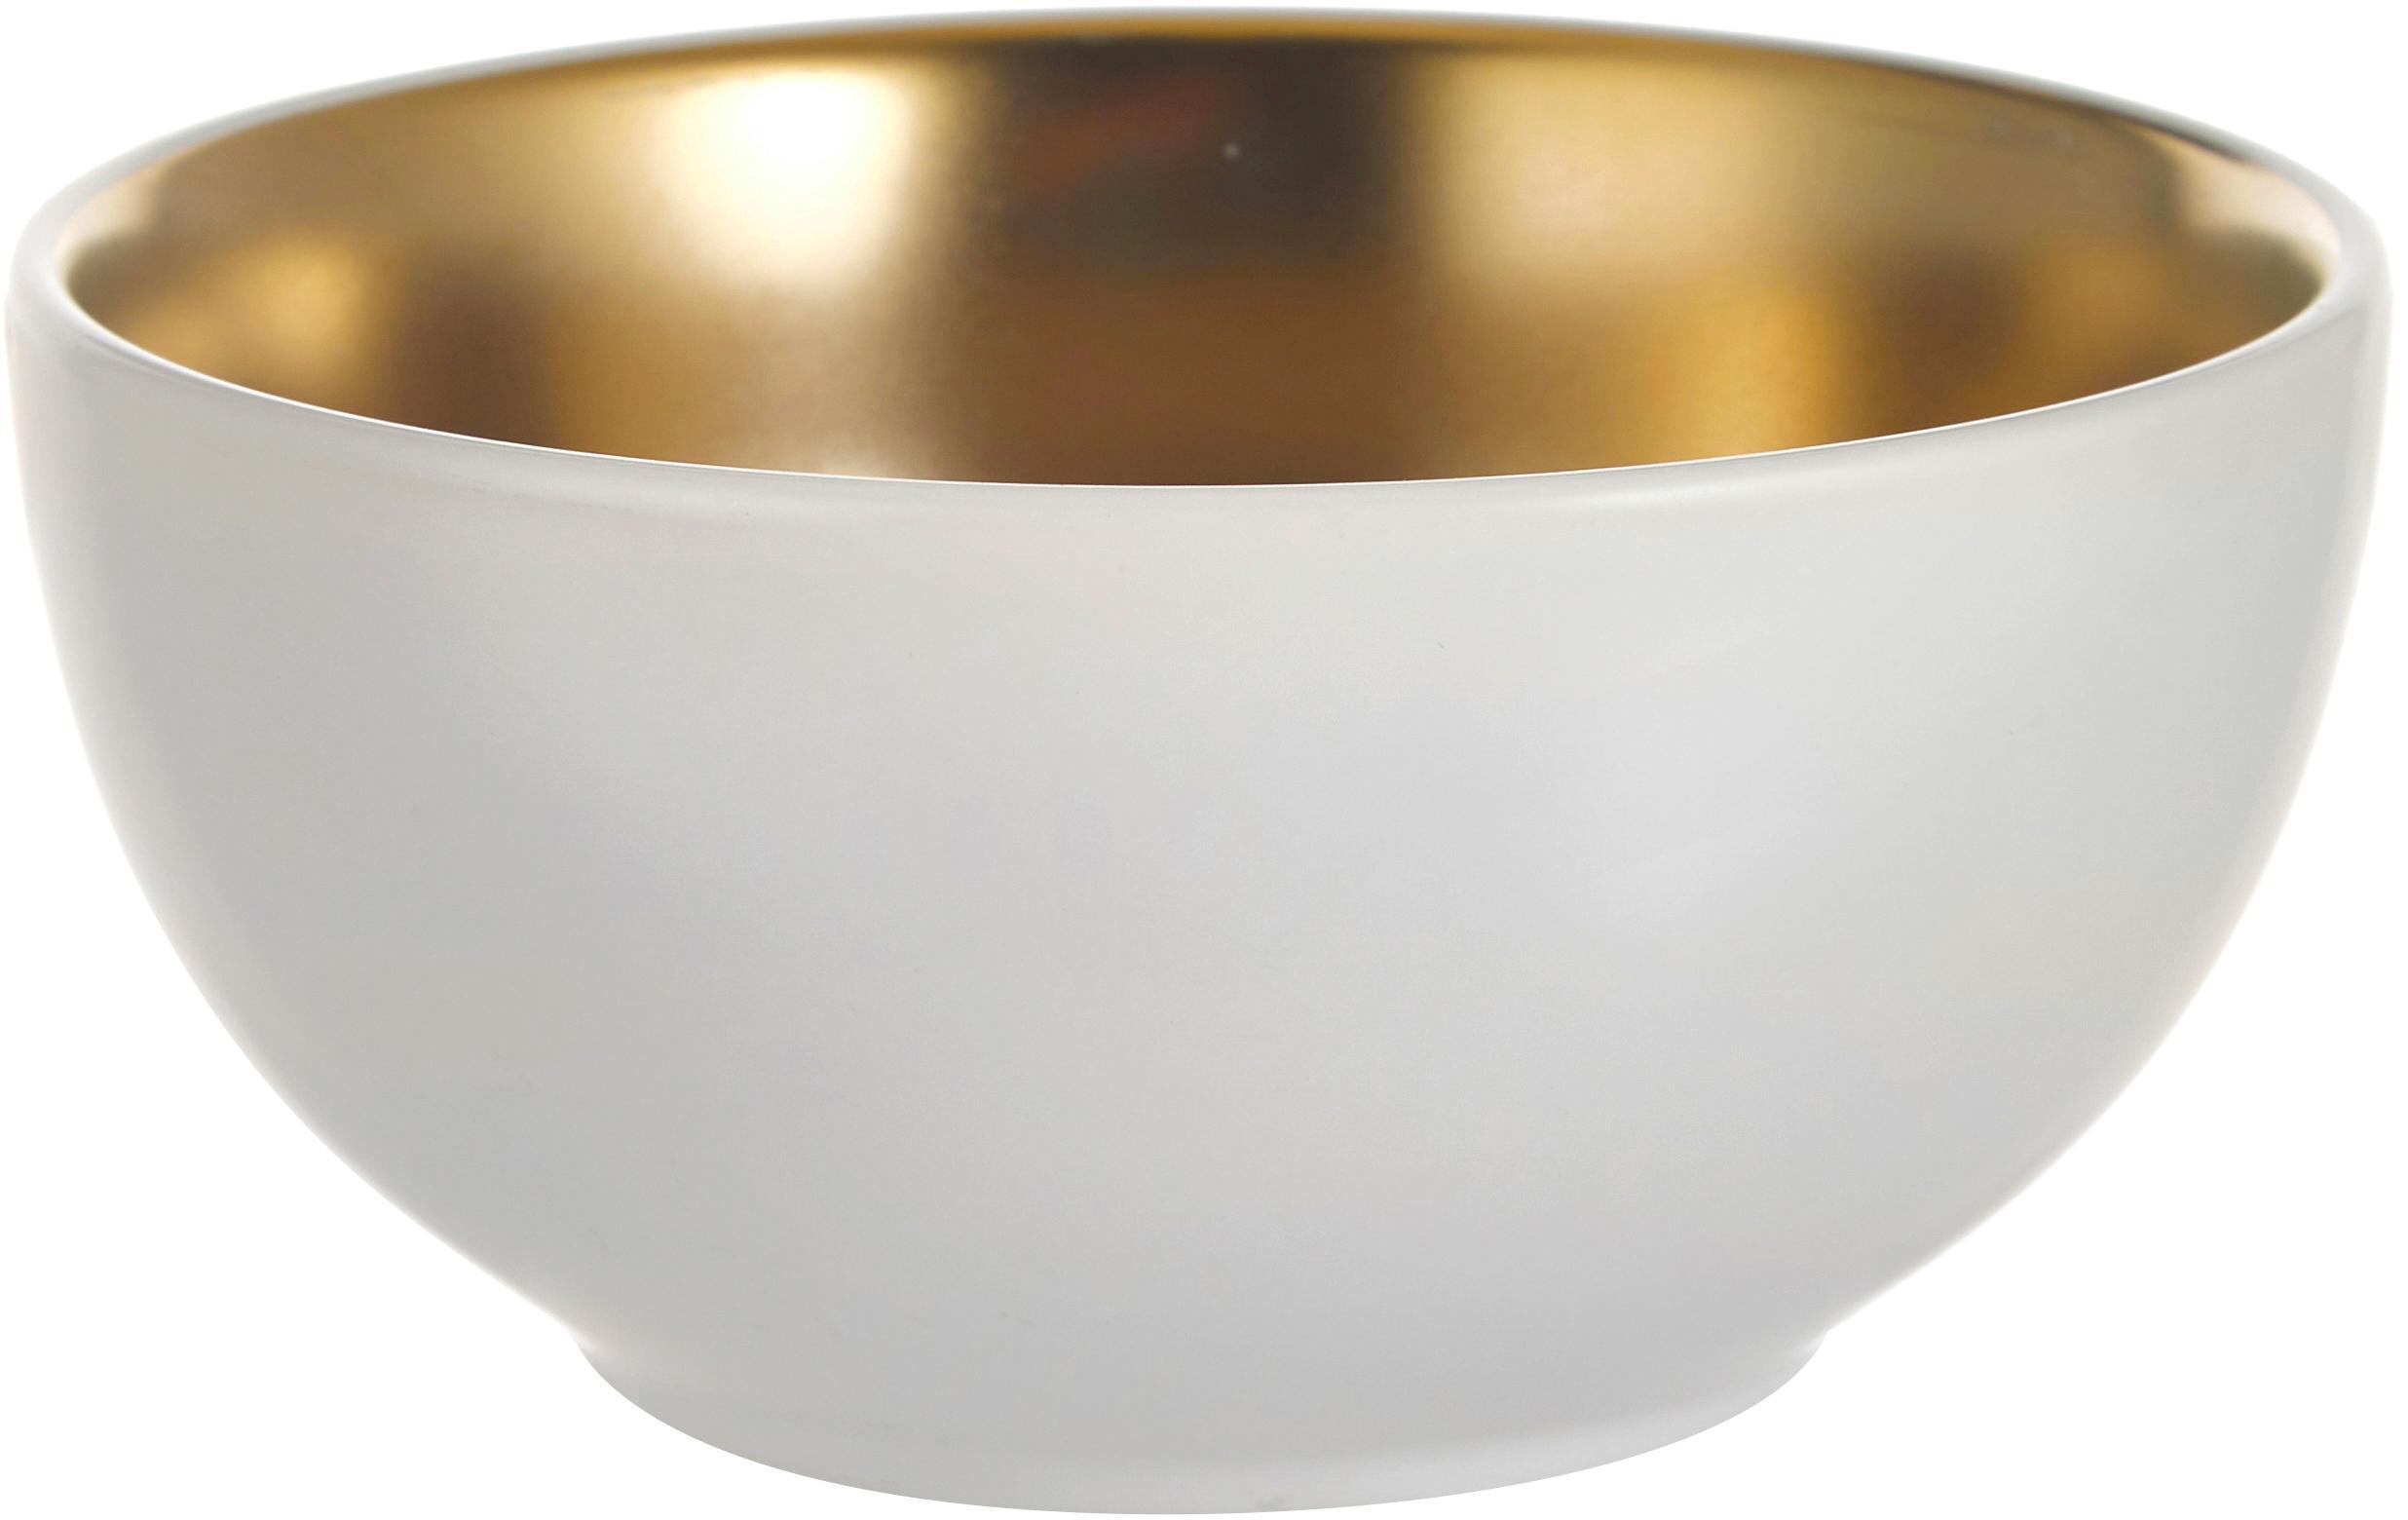 Dipschälchen Glitz in Weiß/Gold, 4er-Set, Steingut, Weiß, Goldfarben, Ø 11 x H 6 cm